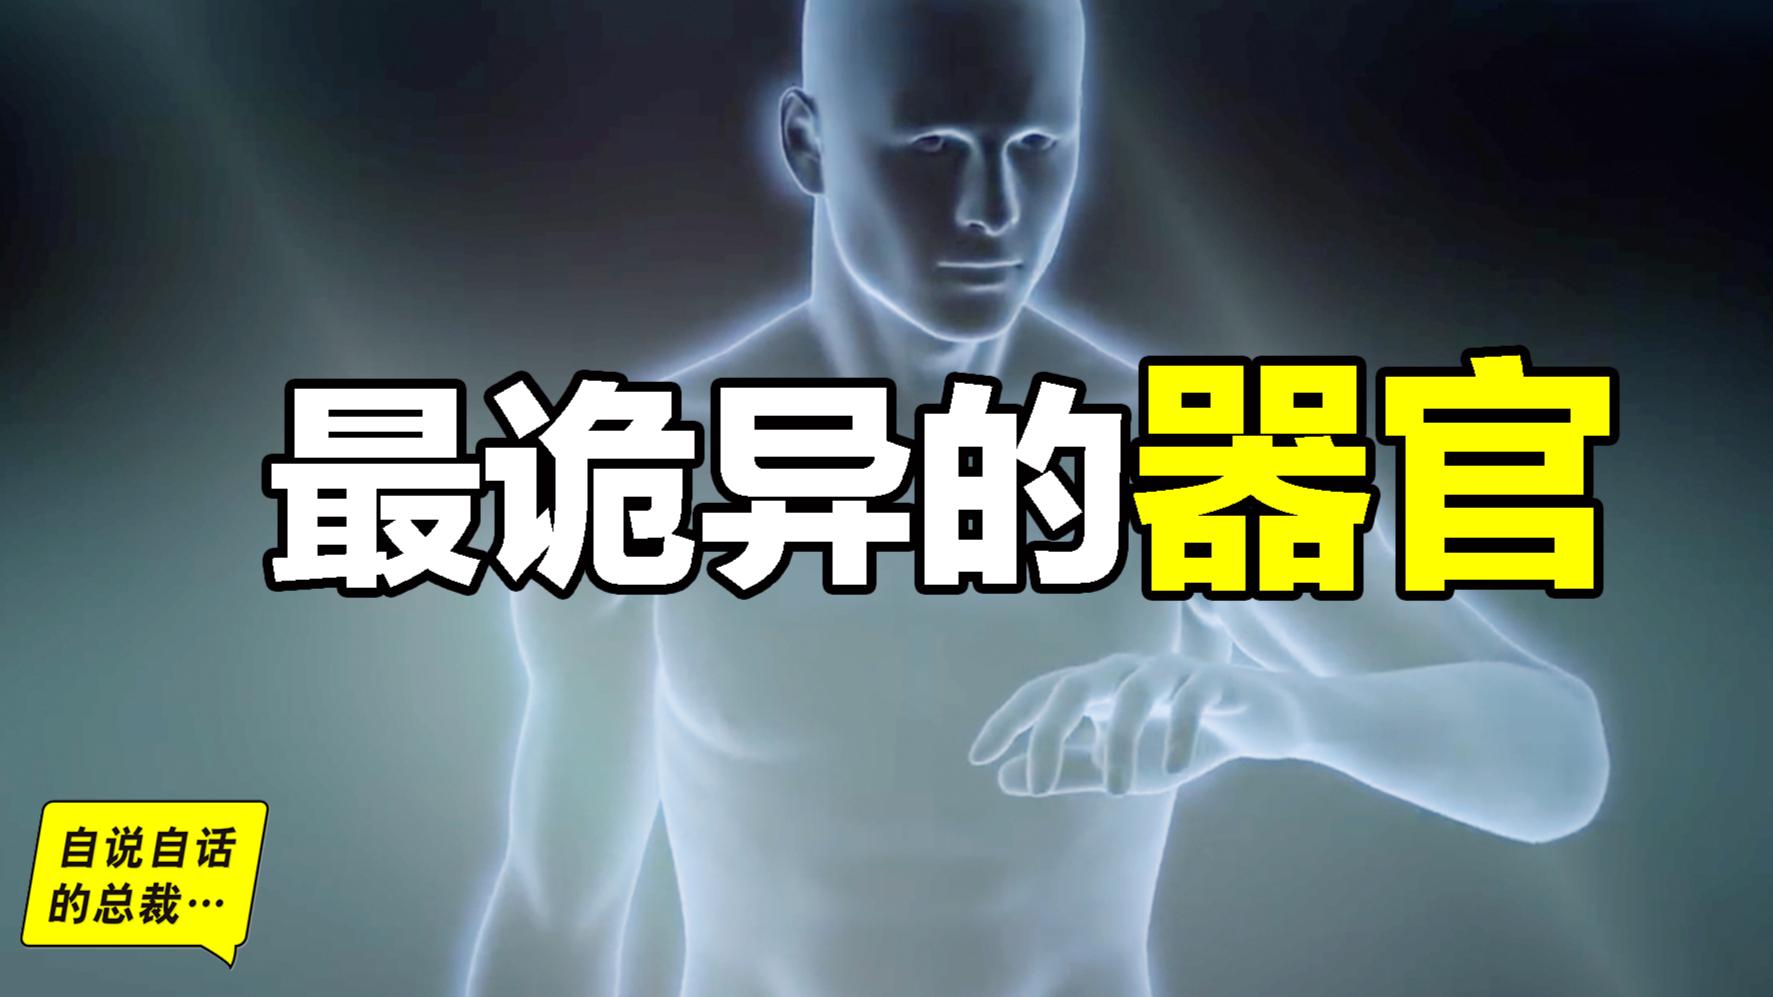 最诡异的器官,我们都被这个器官封装在超能力机甲当中... ...